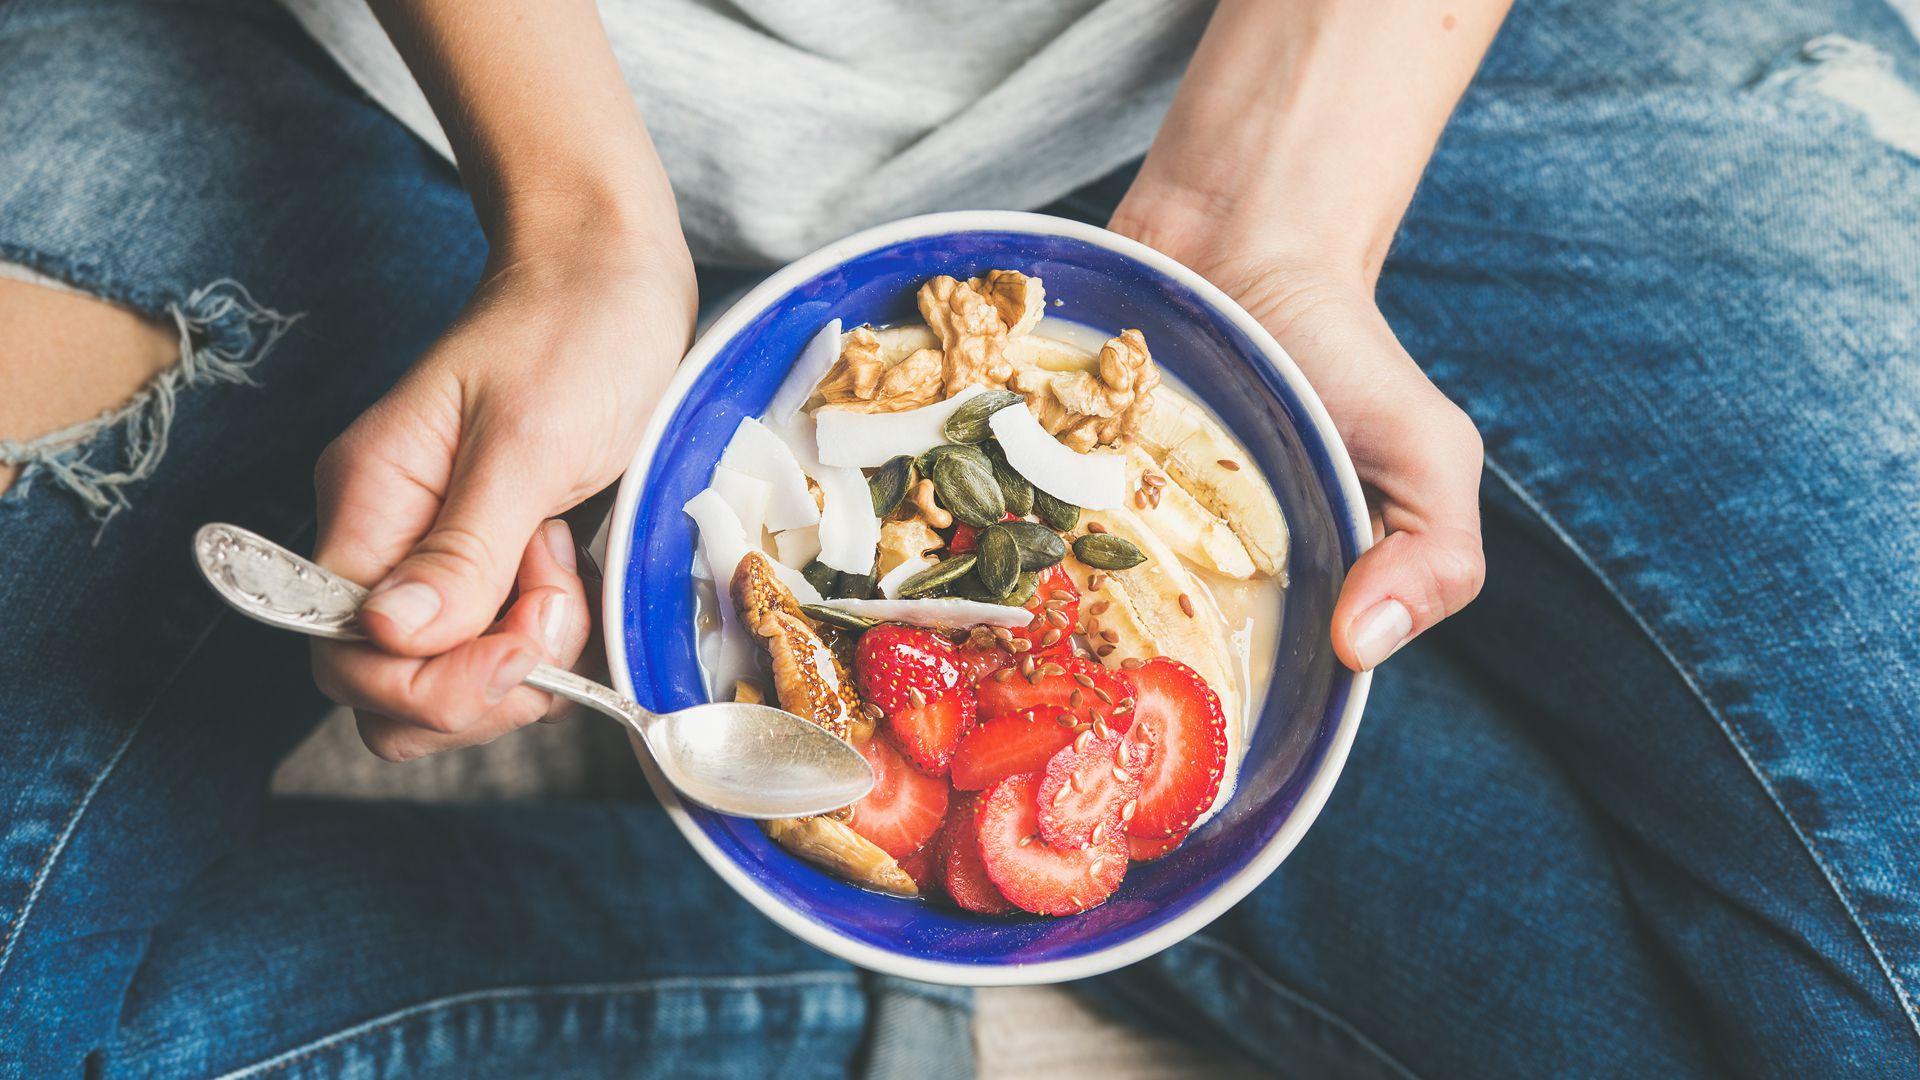 Hay una serie de alimentos que son clave para mejorar la dieta